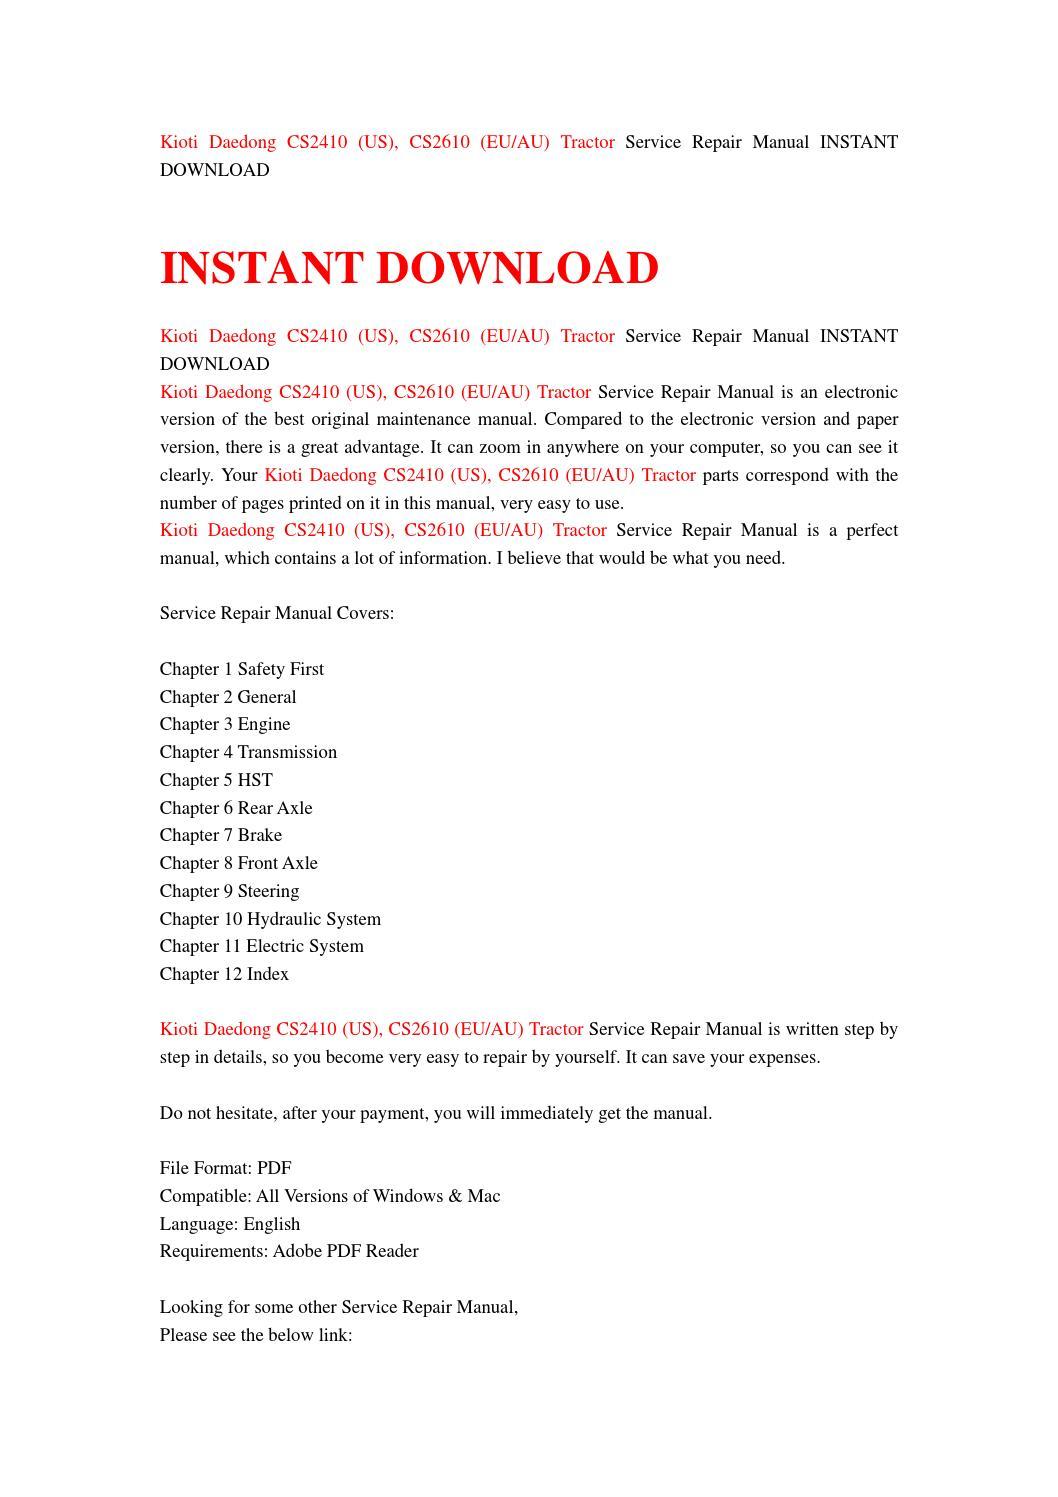 kioti daedong cs2410 cs2610 tractor service repair manual download